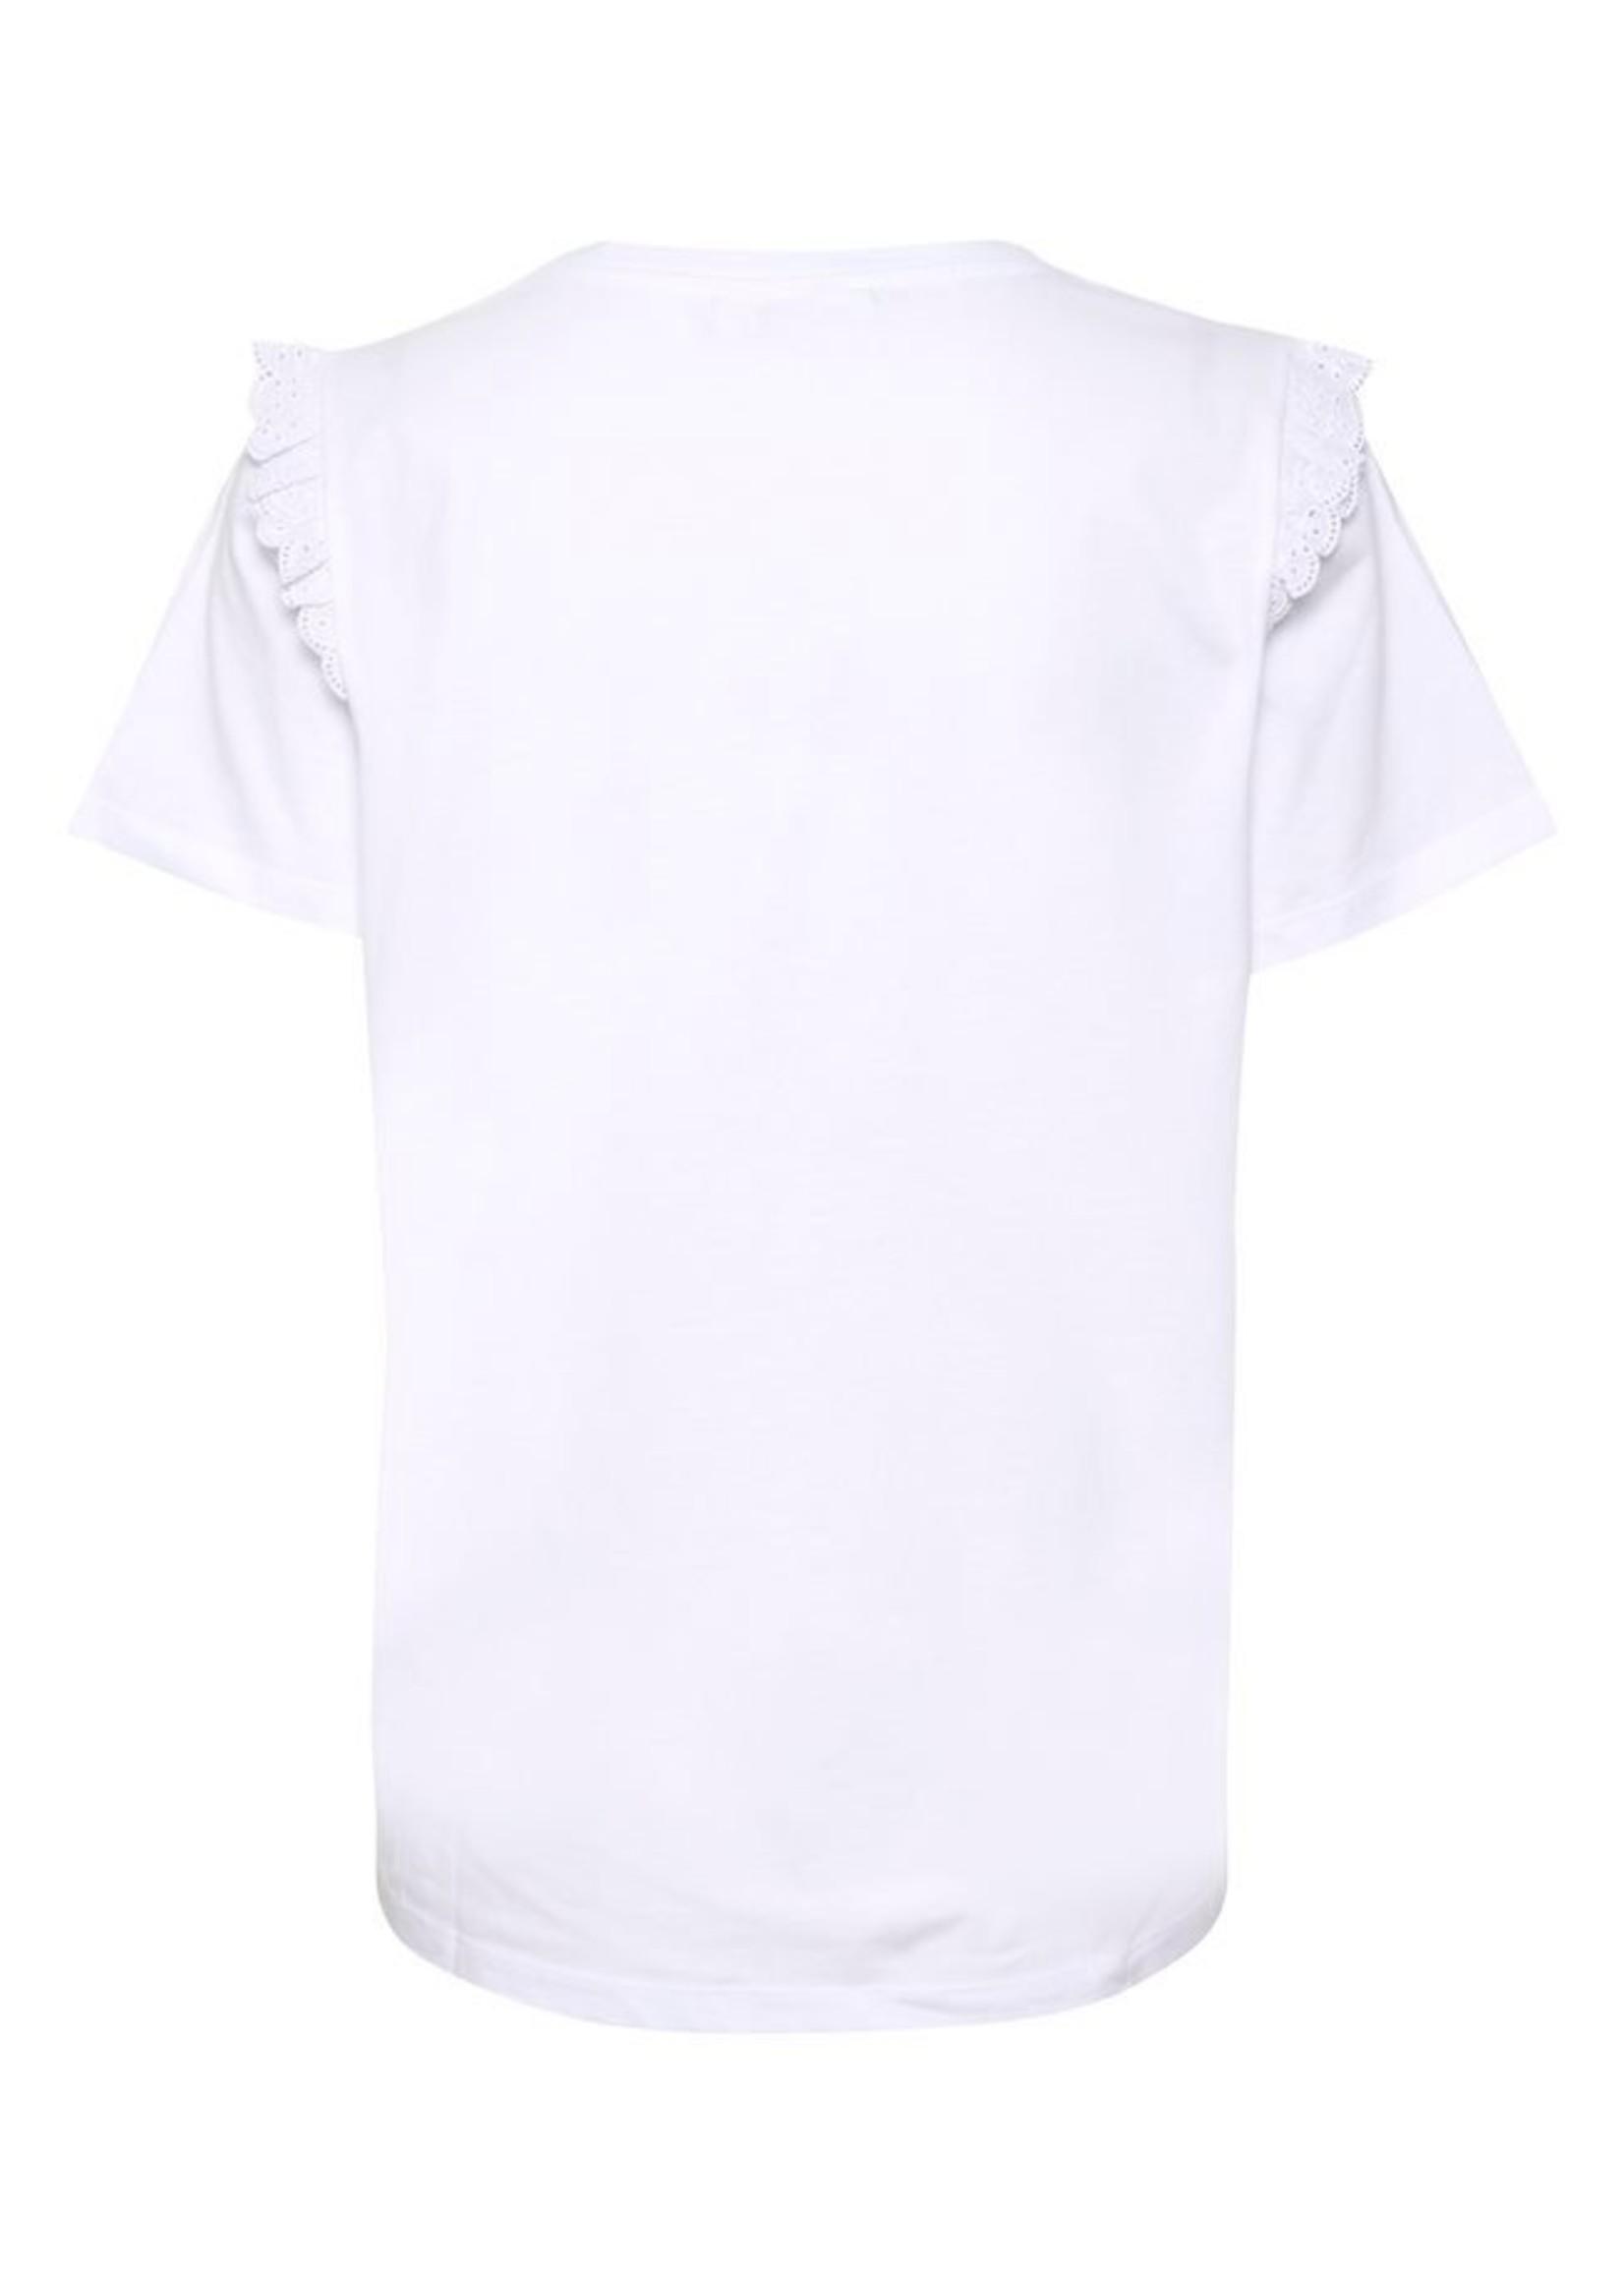 Saint Tropez GertieSZ T-shirt